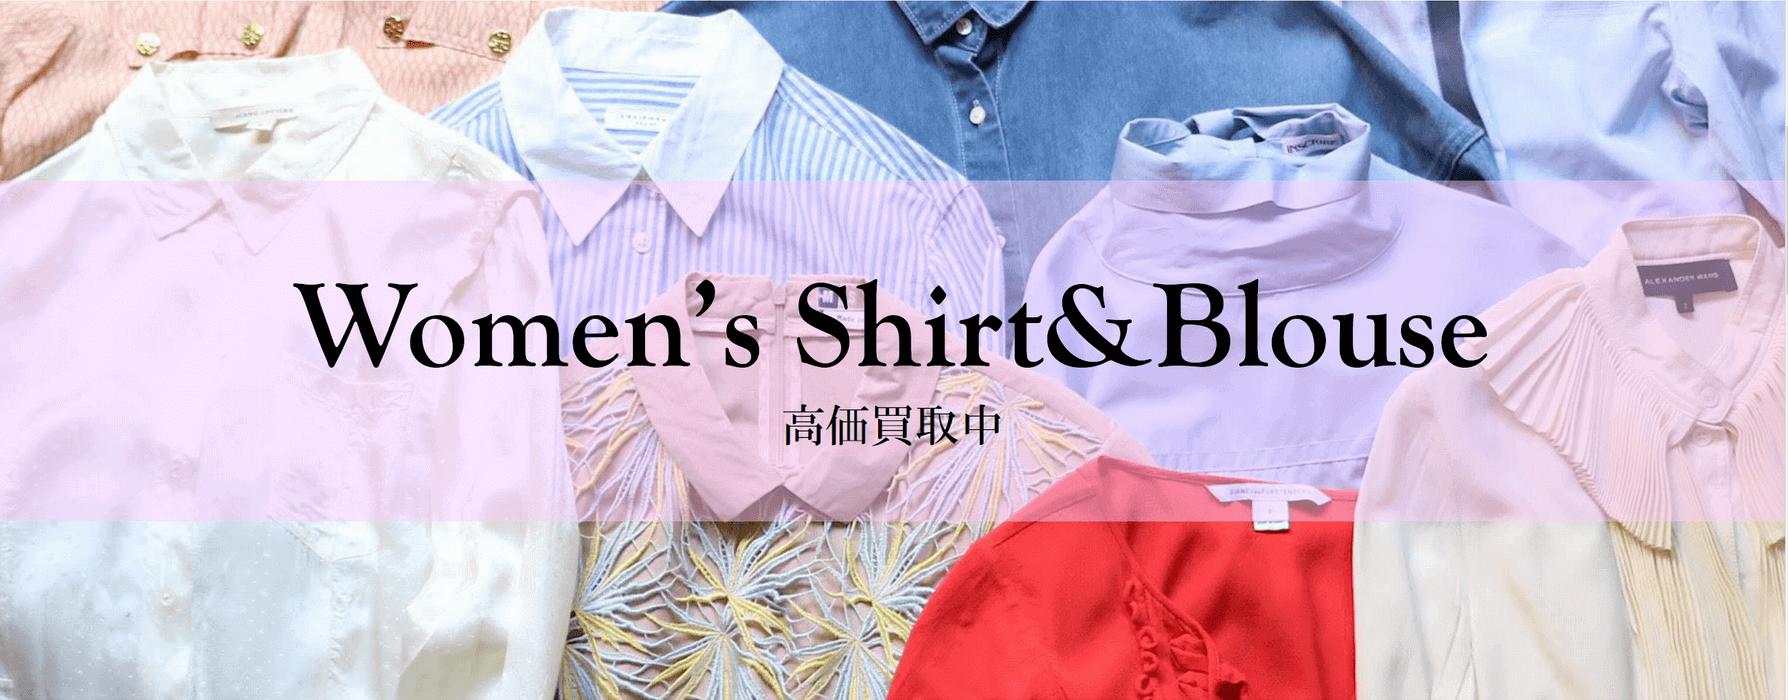 レディースシャツ高価買取